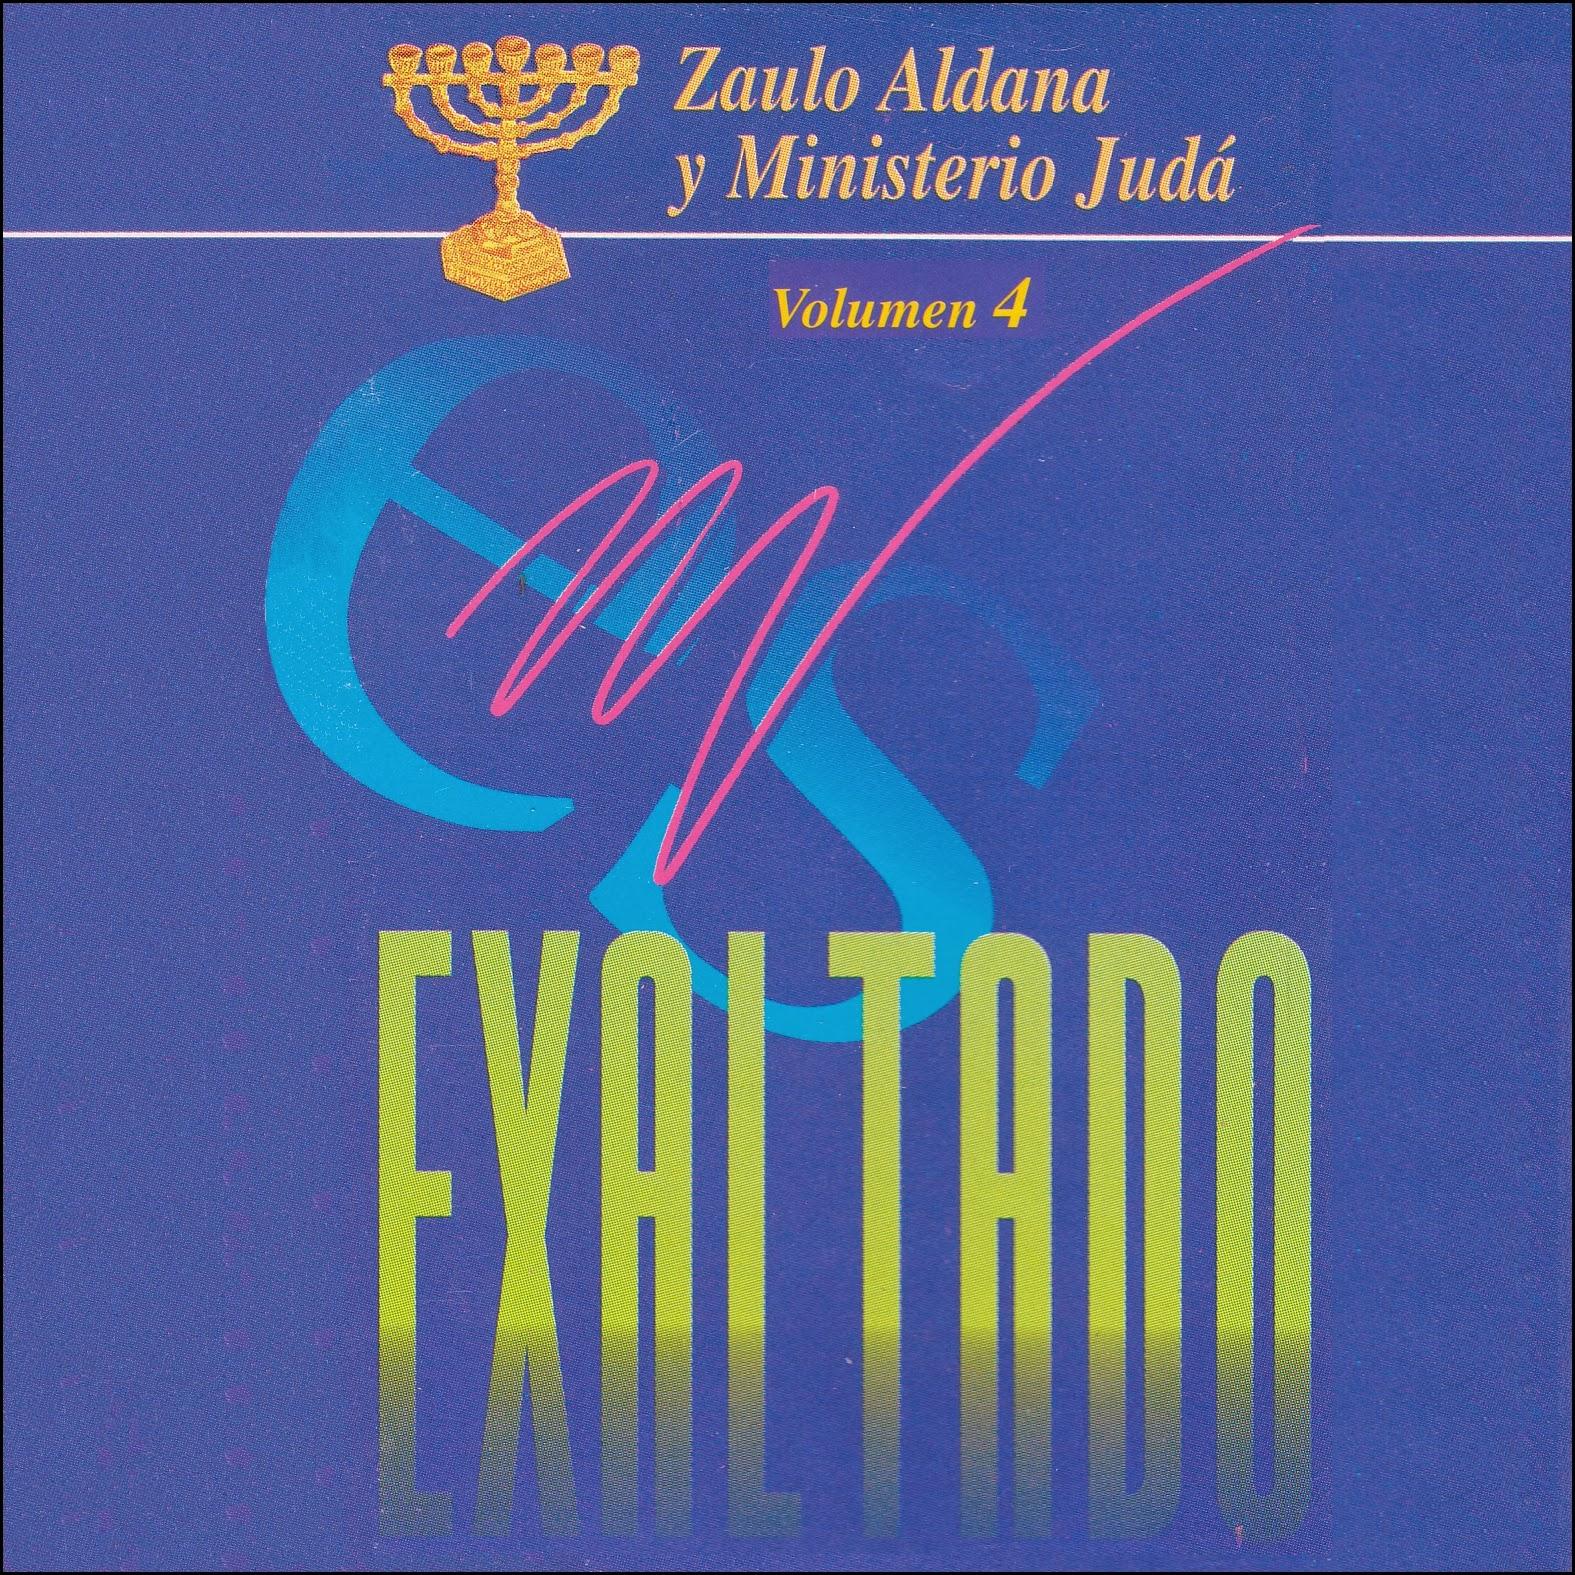 Zaulo Aldana y Ministerio Judá-Vol 4-Es Exaltado-